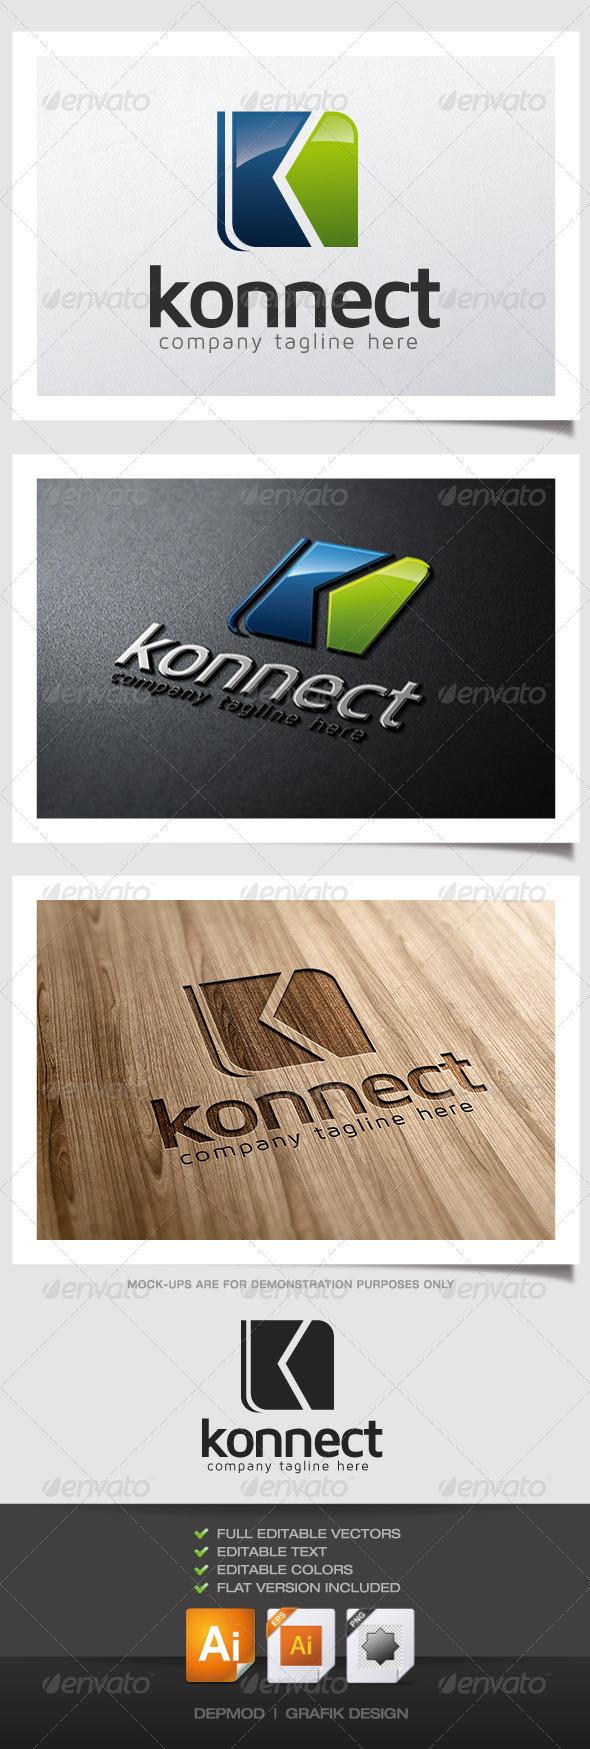 Konnect Logo